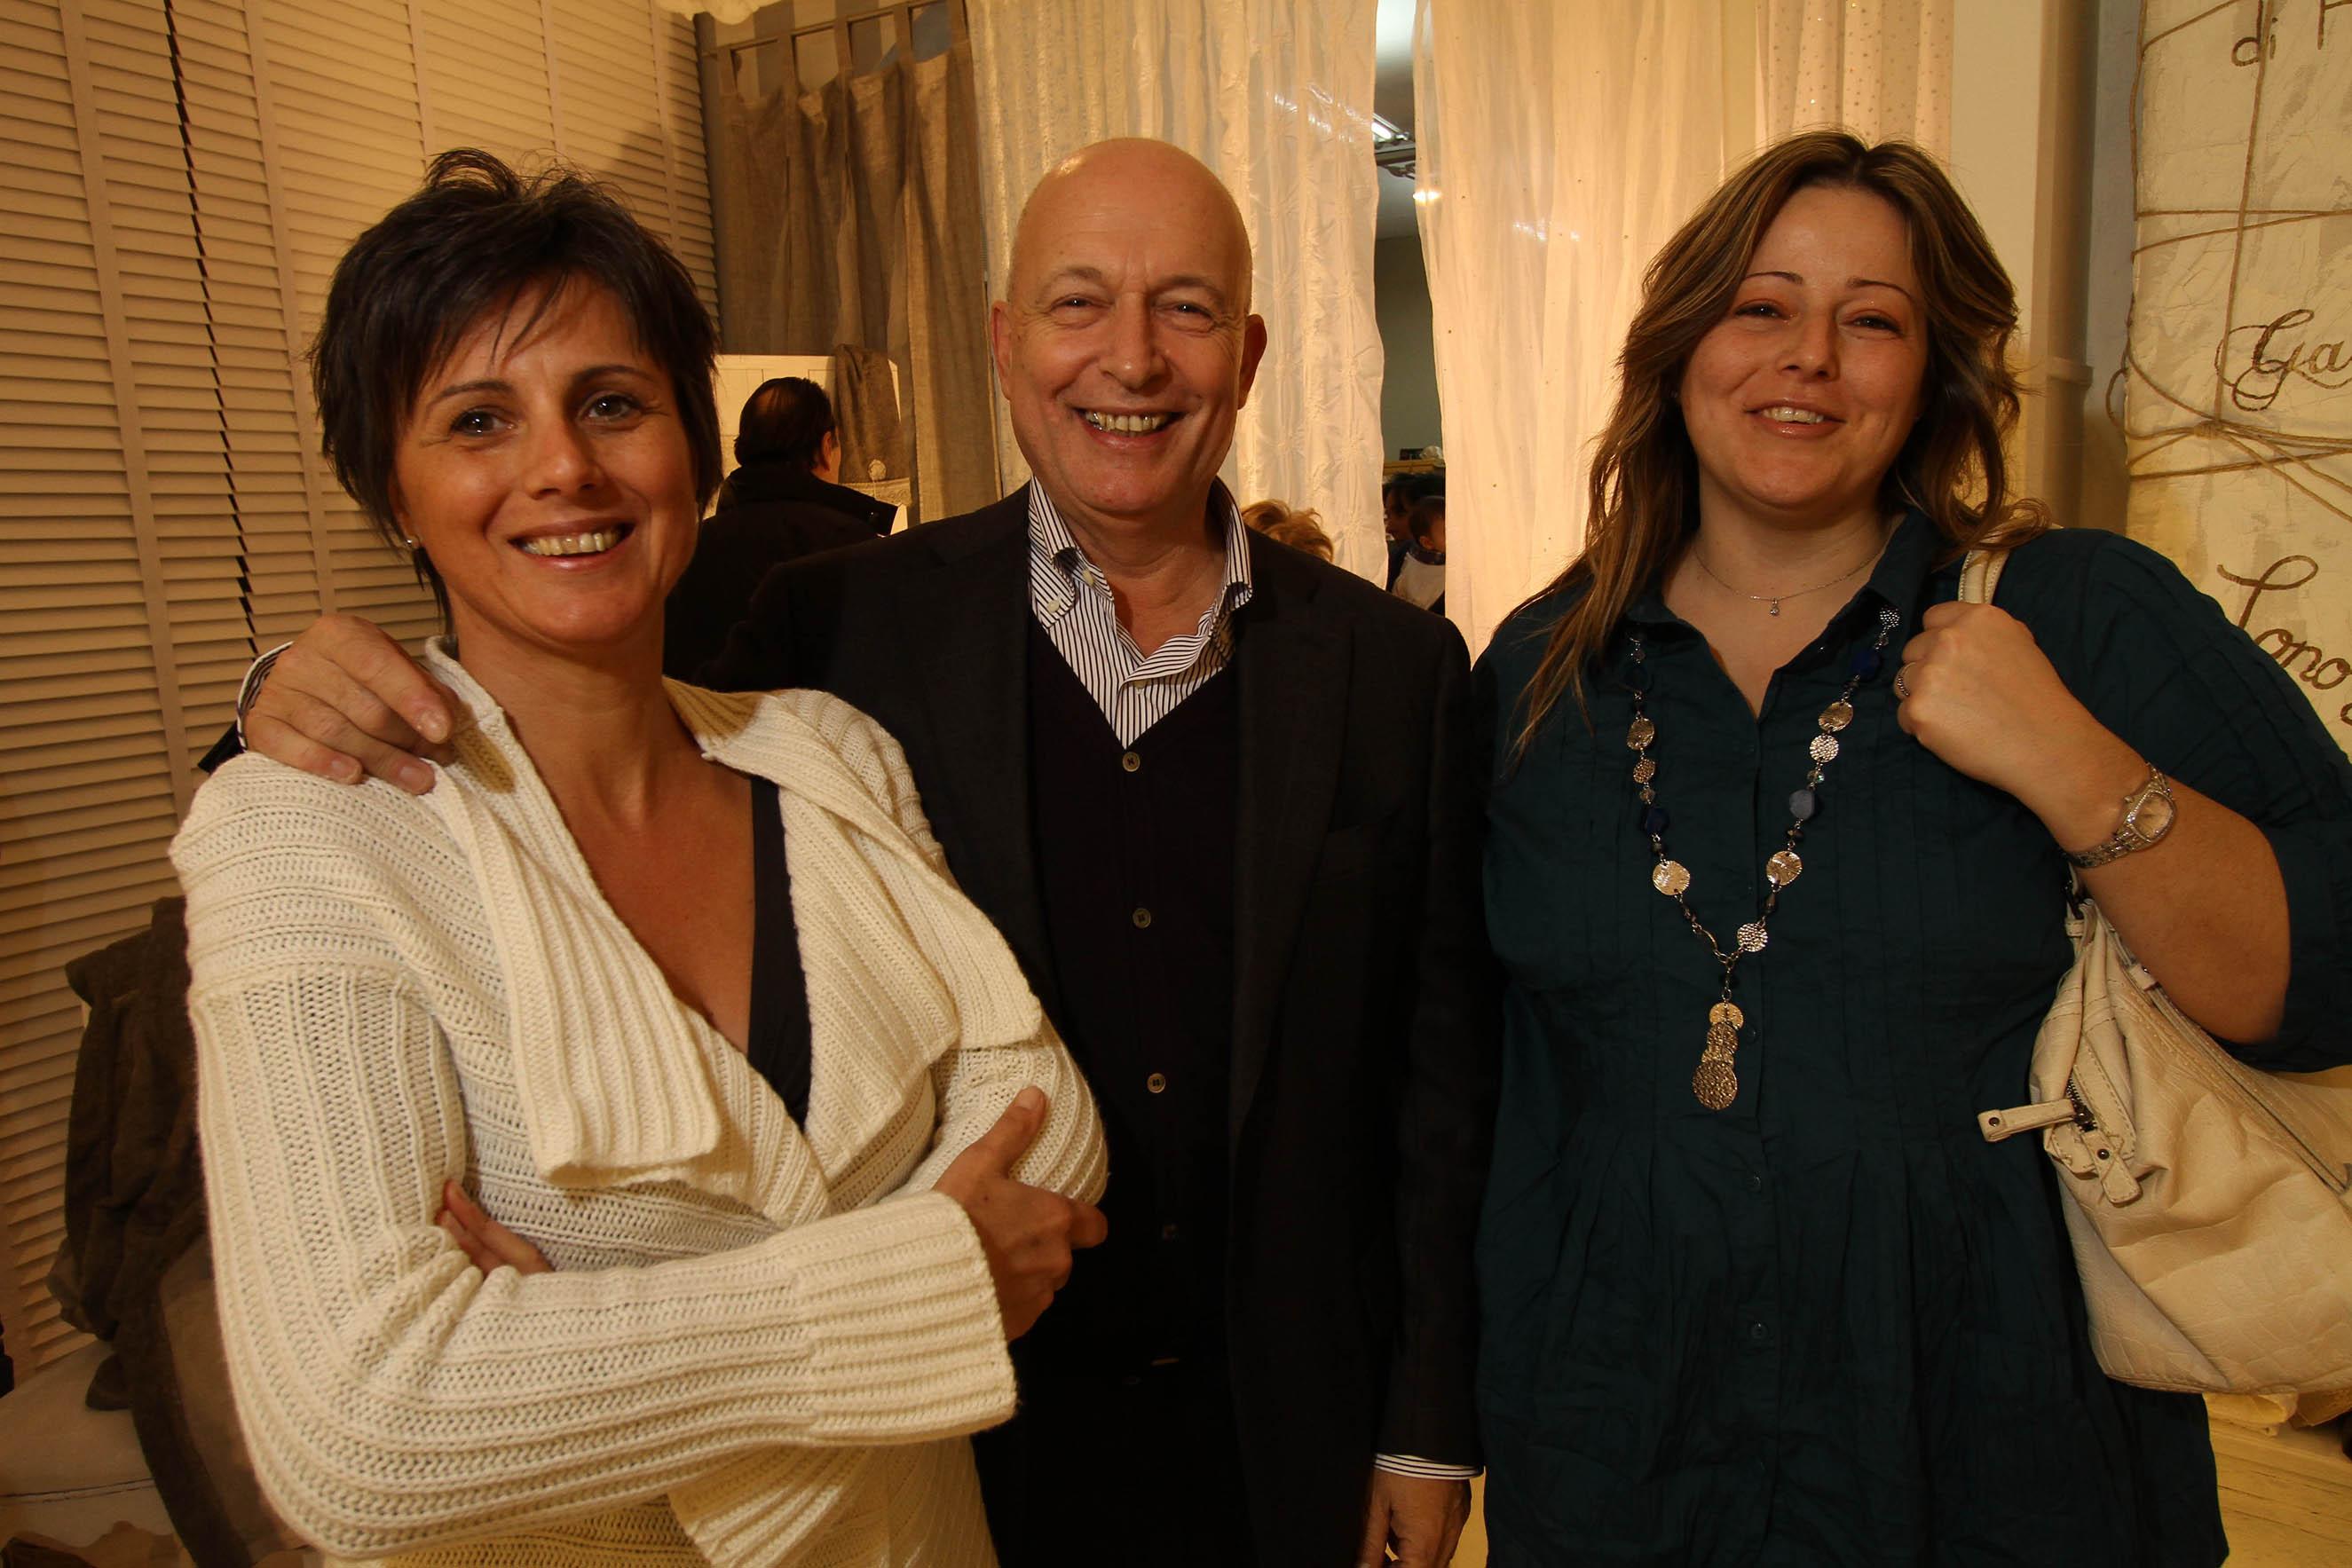 PRESSPHOTO Firenze, La Galleria. Nella foto Fiorella e Michele Awerbuch con Stefania Magnani